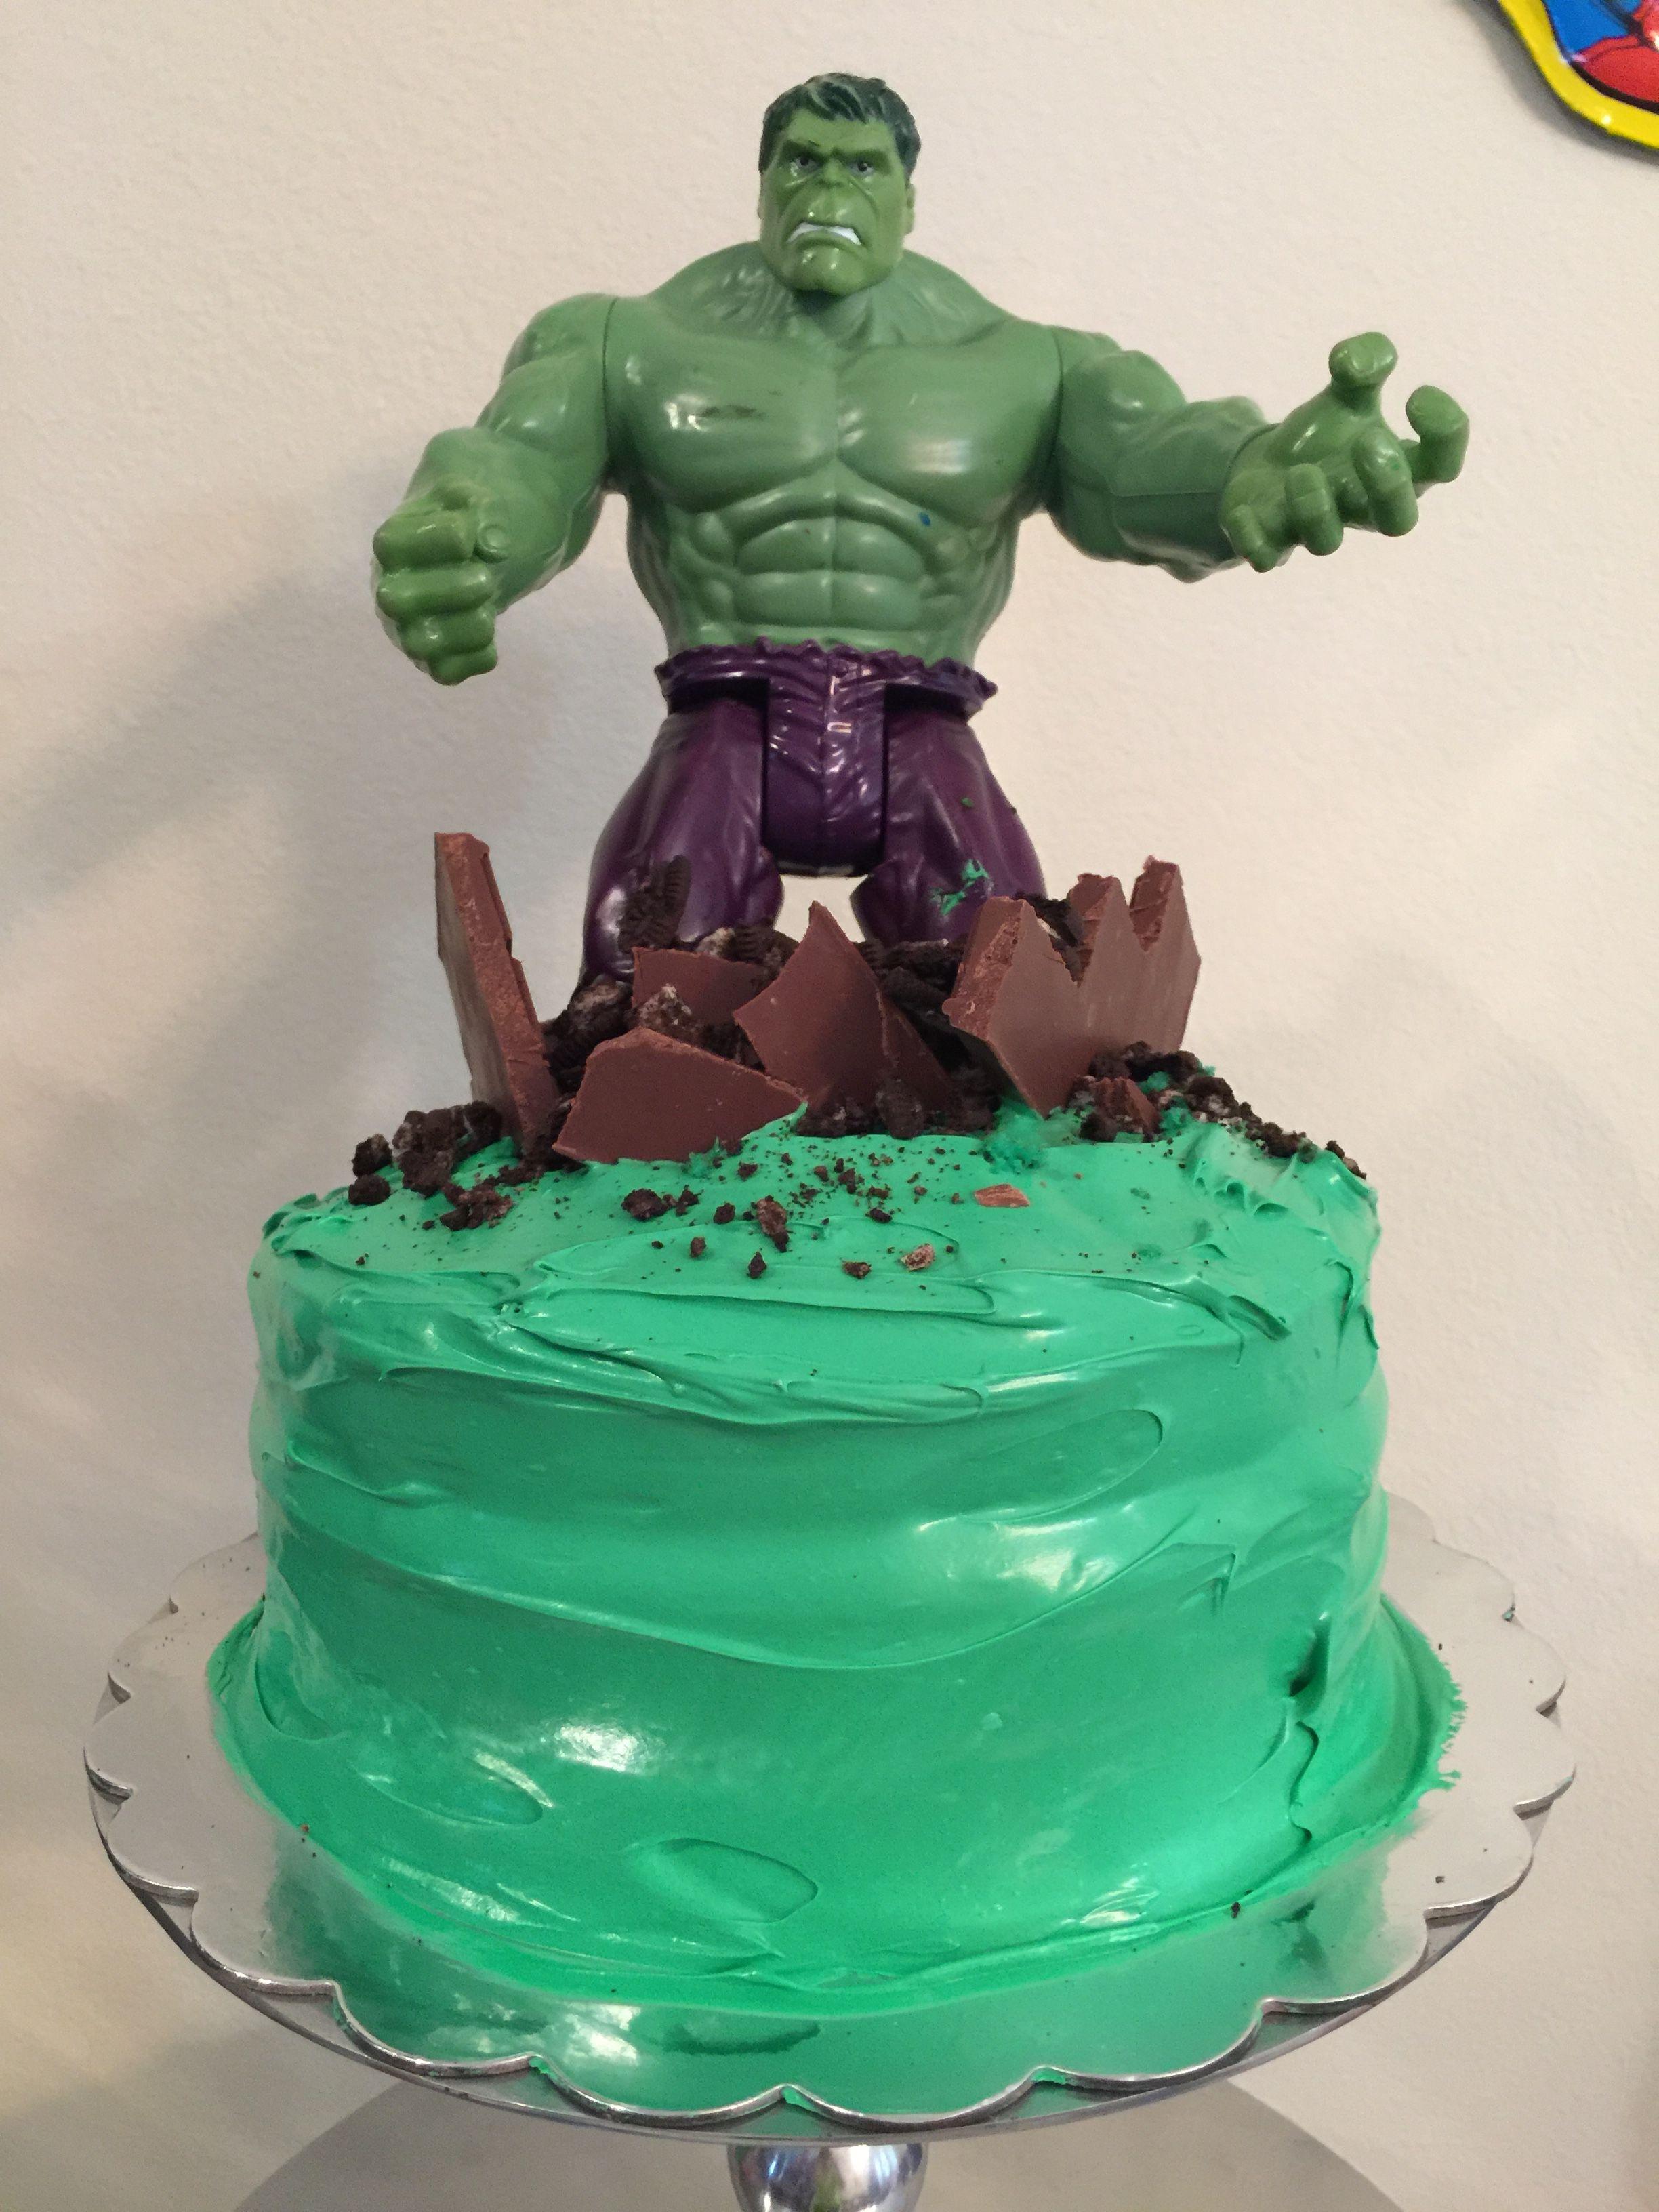 Incredible Hulk Cake Hulk Birthday Cakes Incredible Hulk Cake